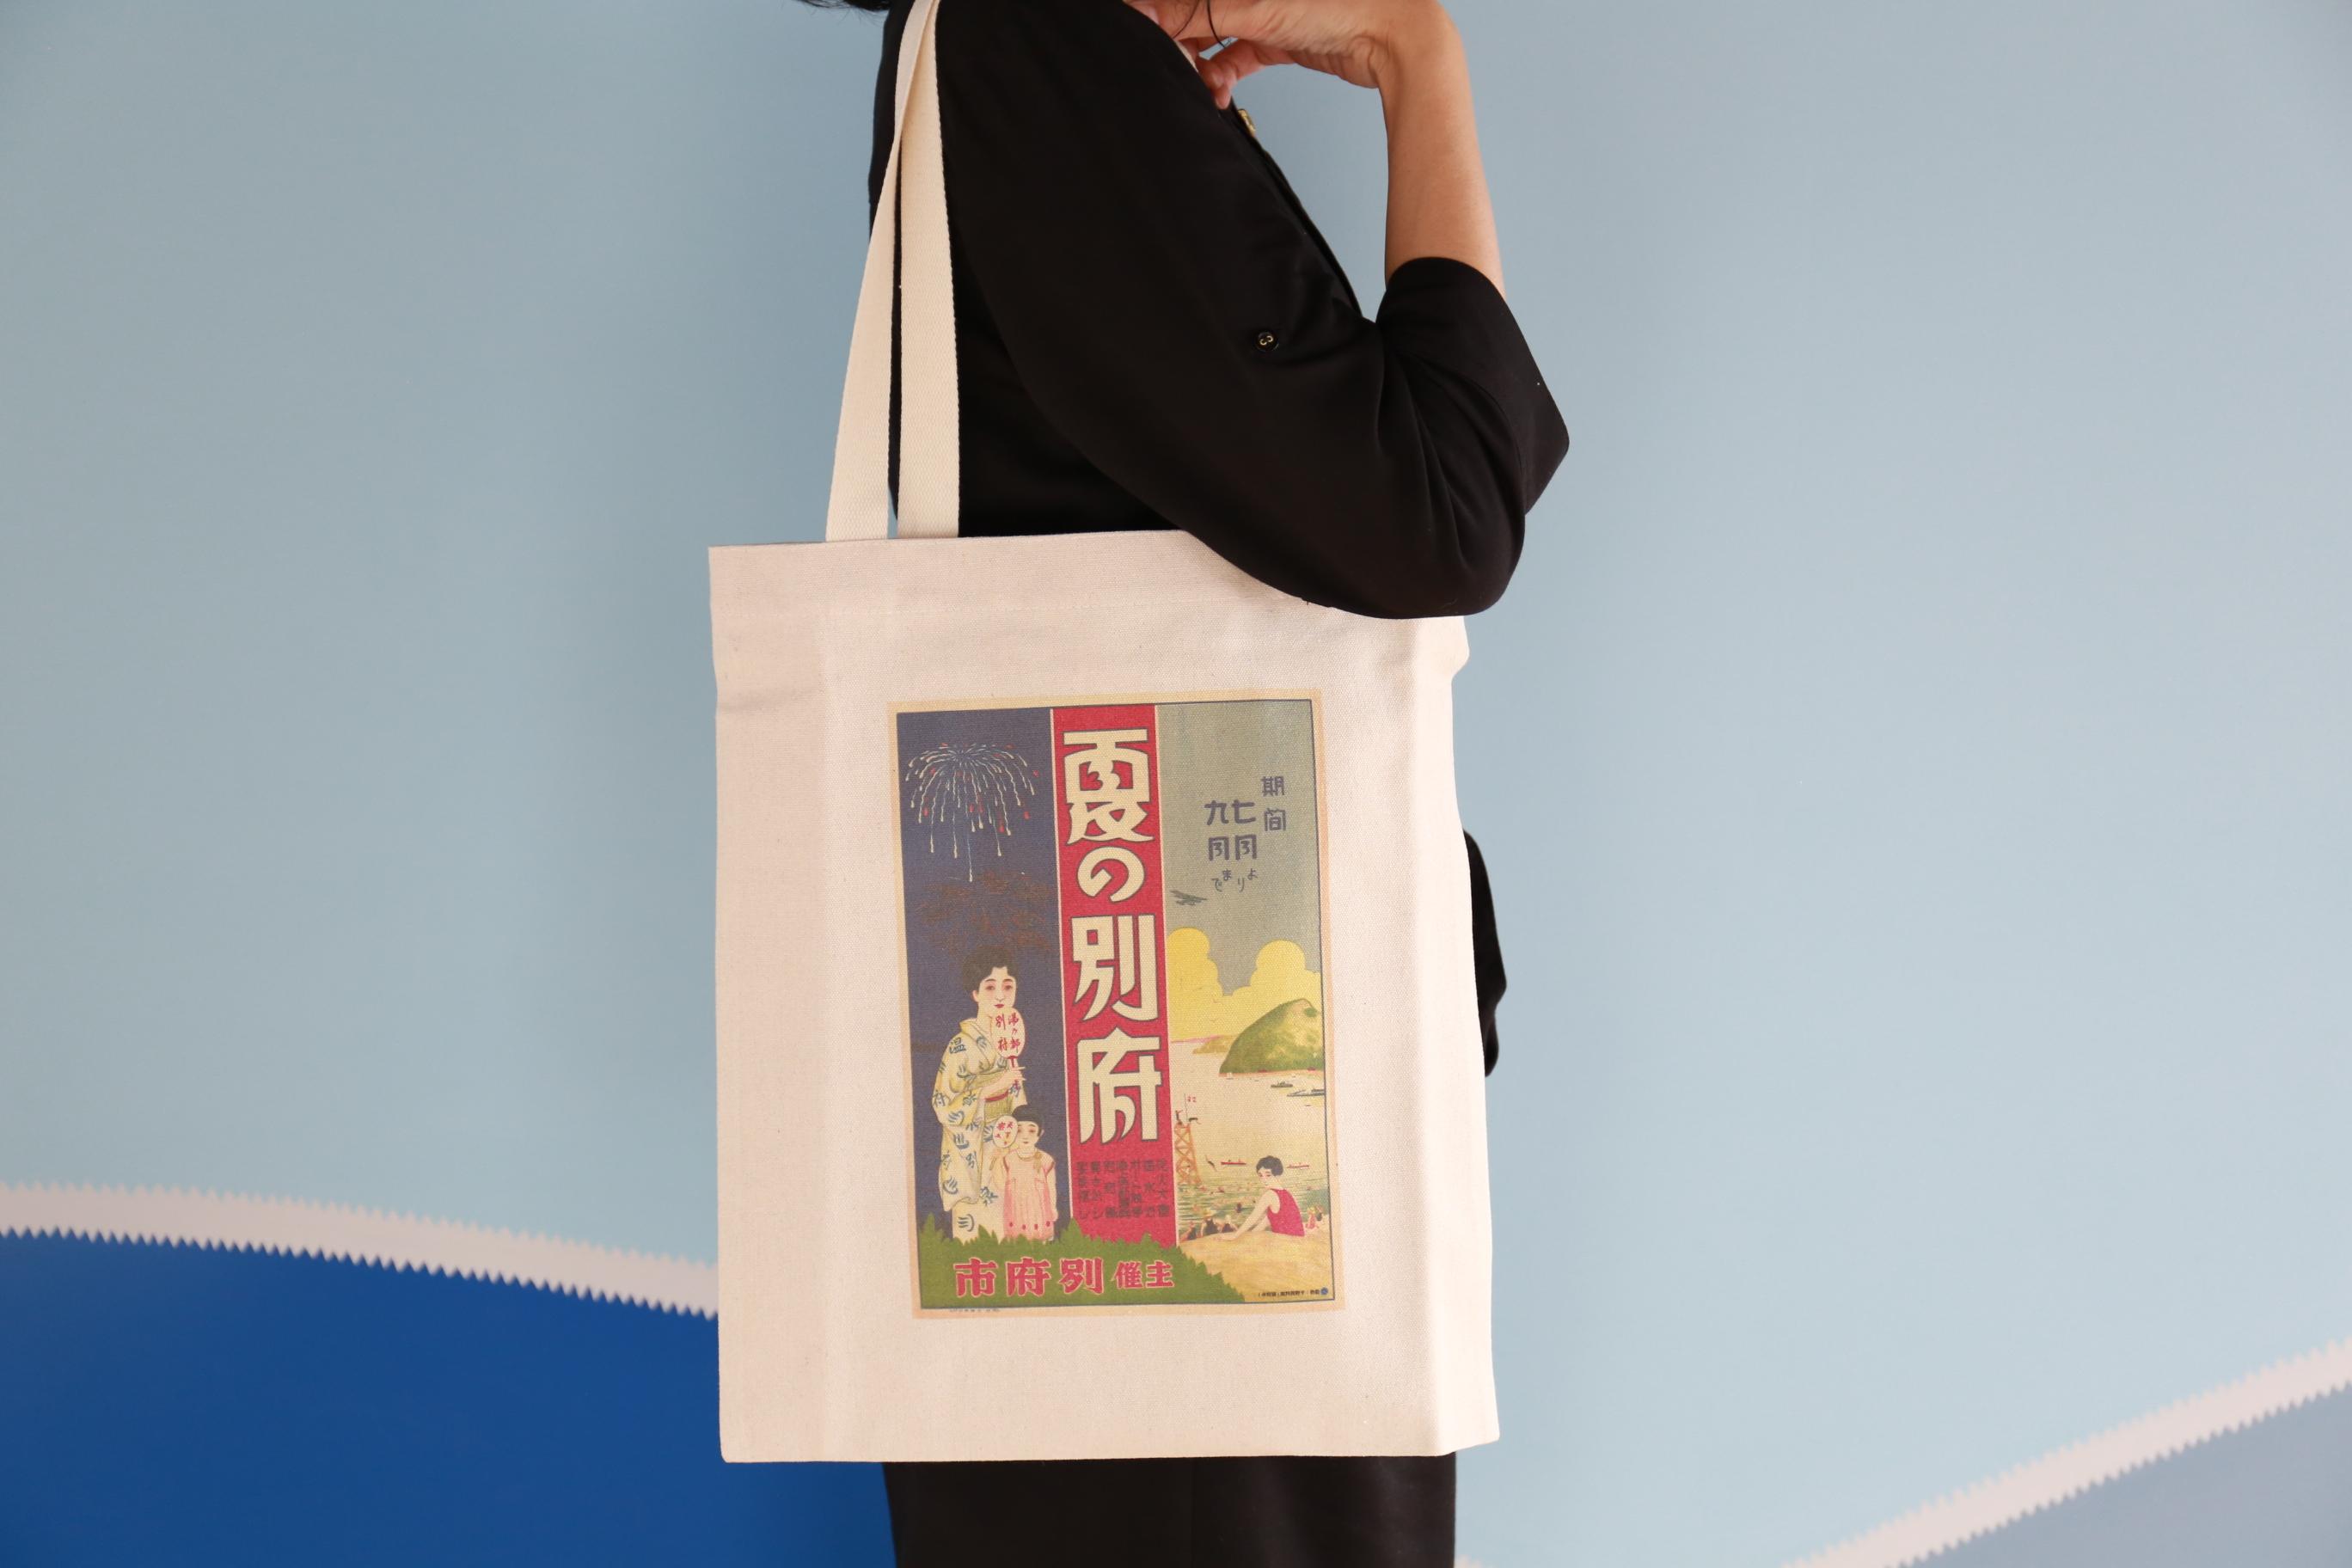 平野資料館 別府レトロ トートバッグ【夏の別府】(ポストカード付)